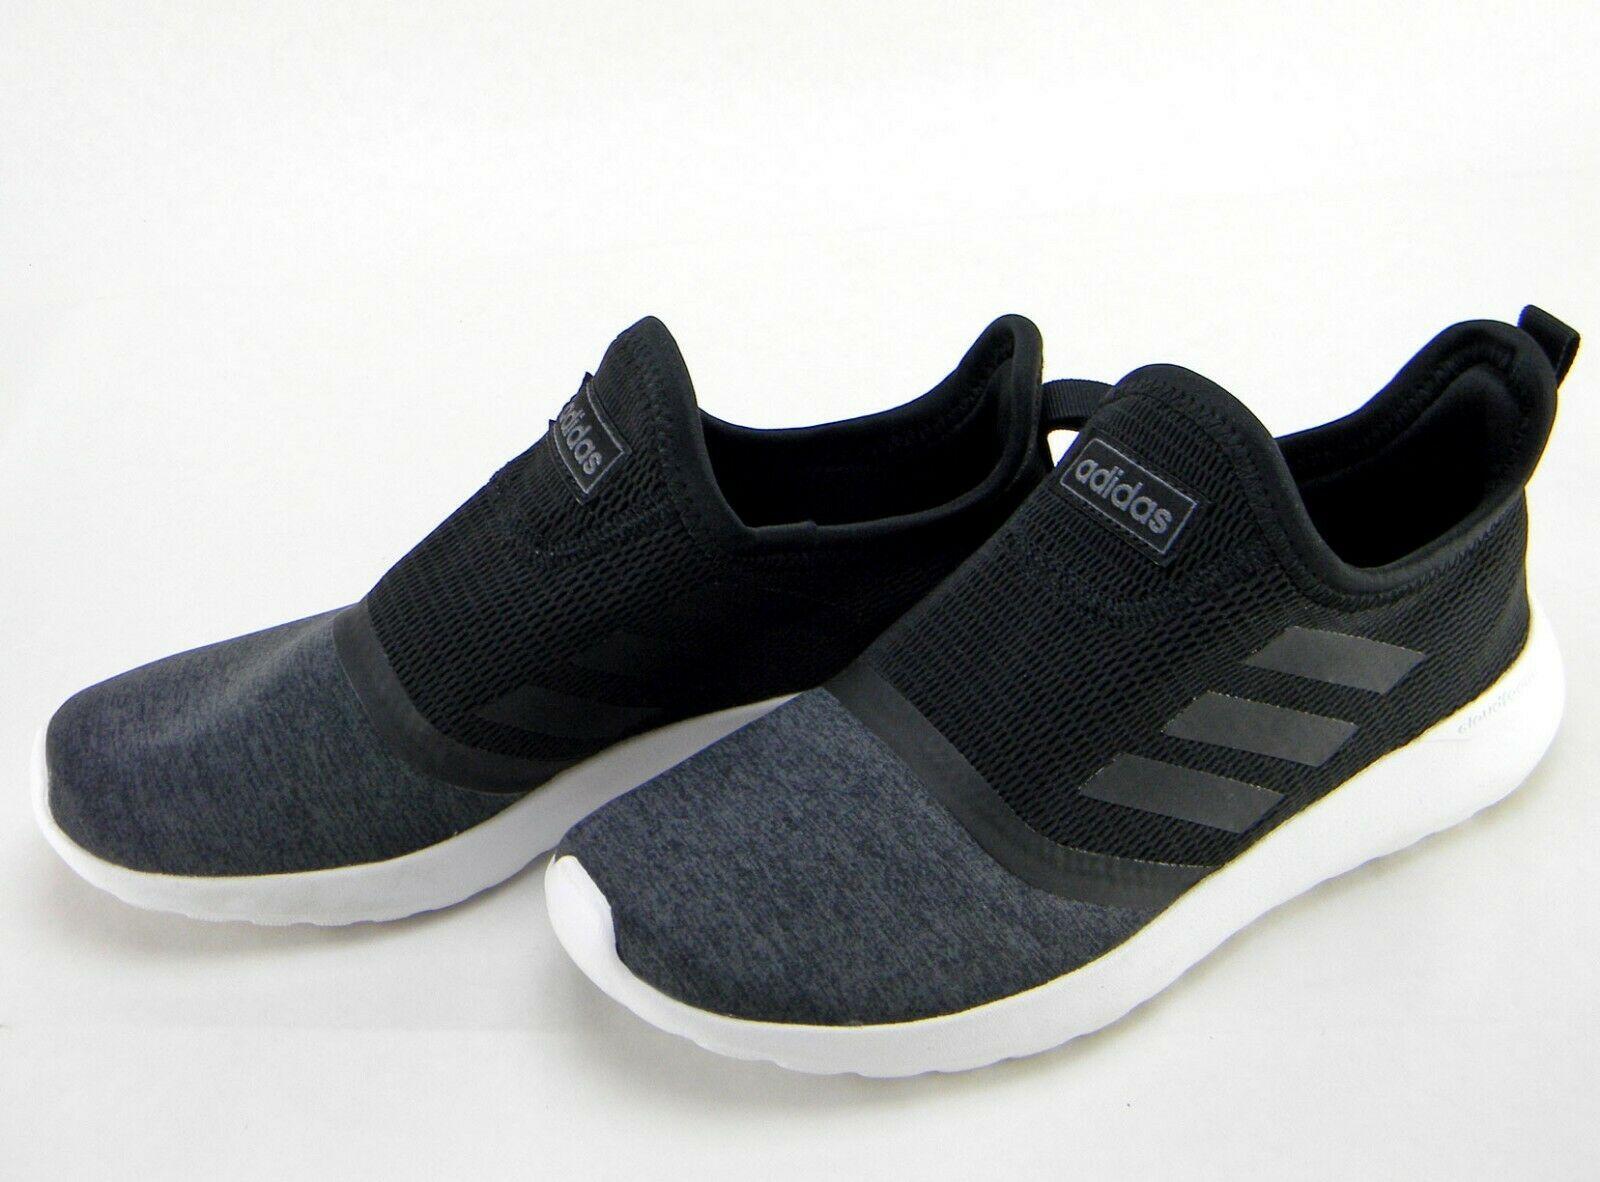 Neu adidas Originals GAZELLE OG Herren Damen Retro Sneaker